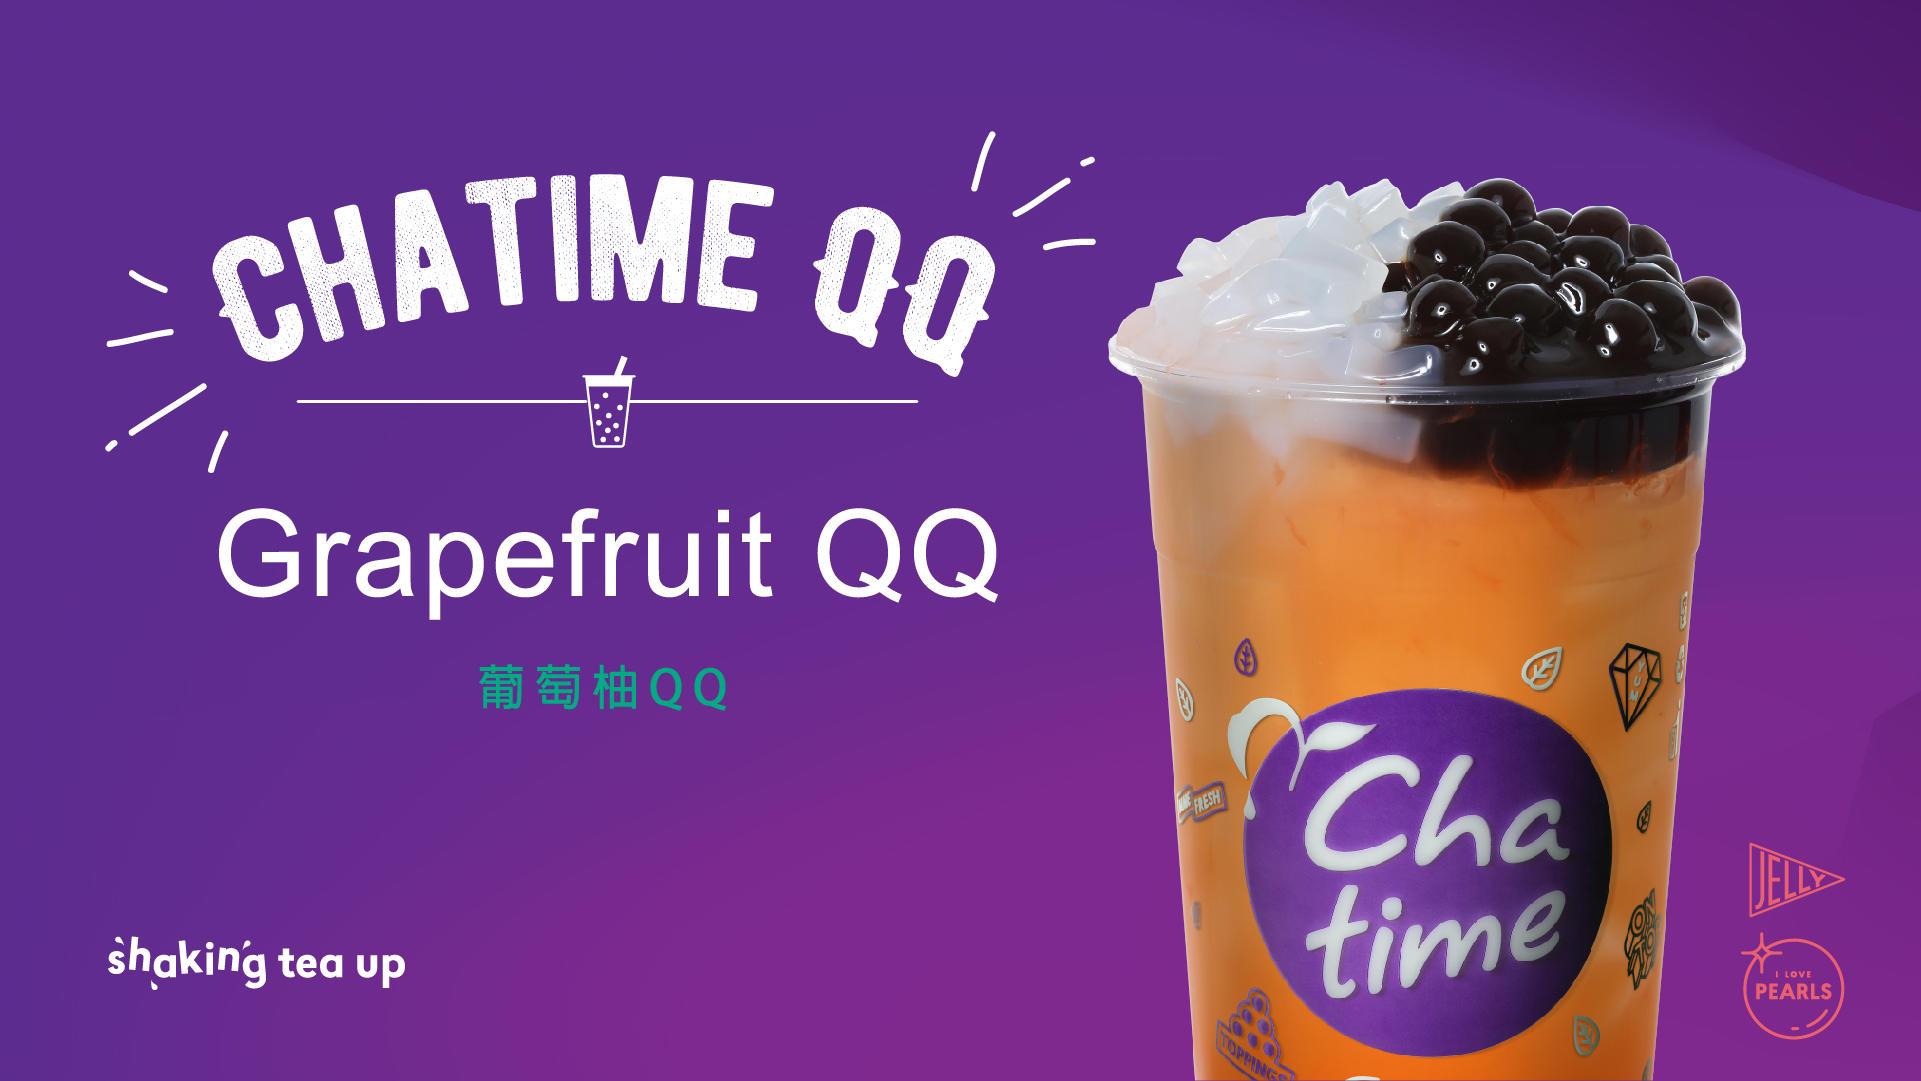 Chatime Bubble Tea & Slurping Noodles image 51